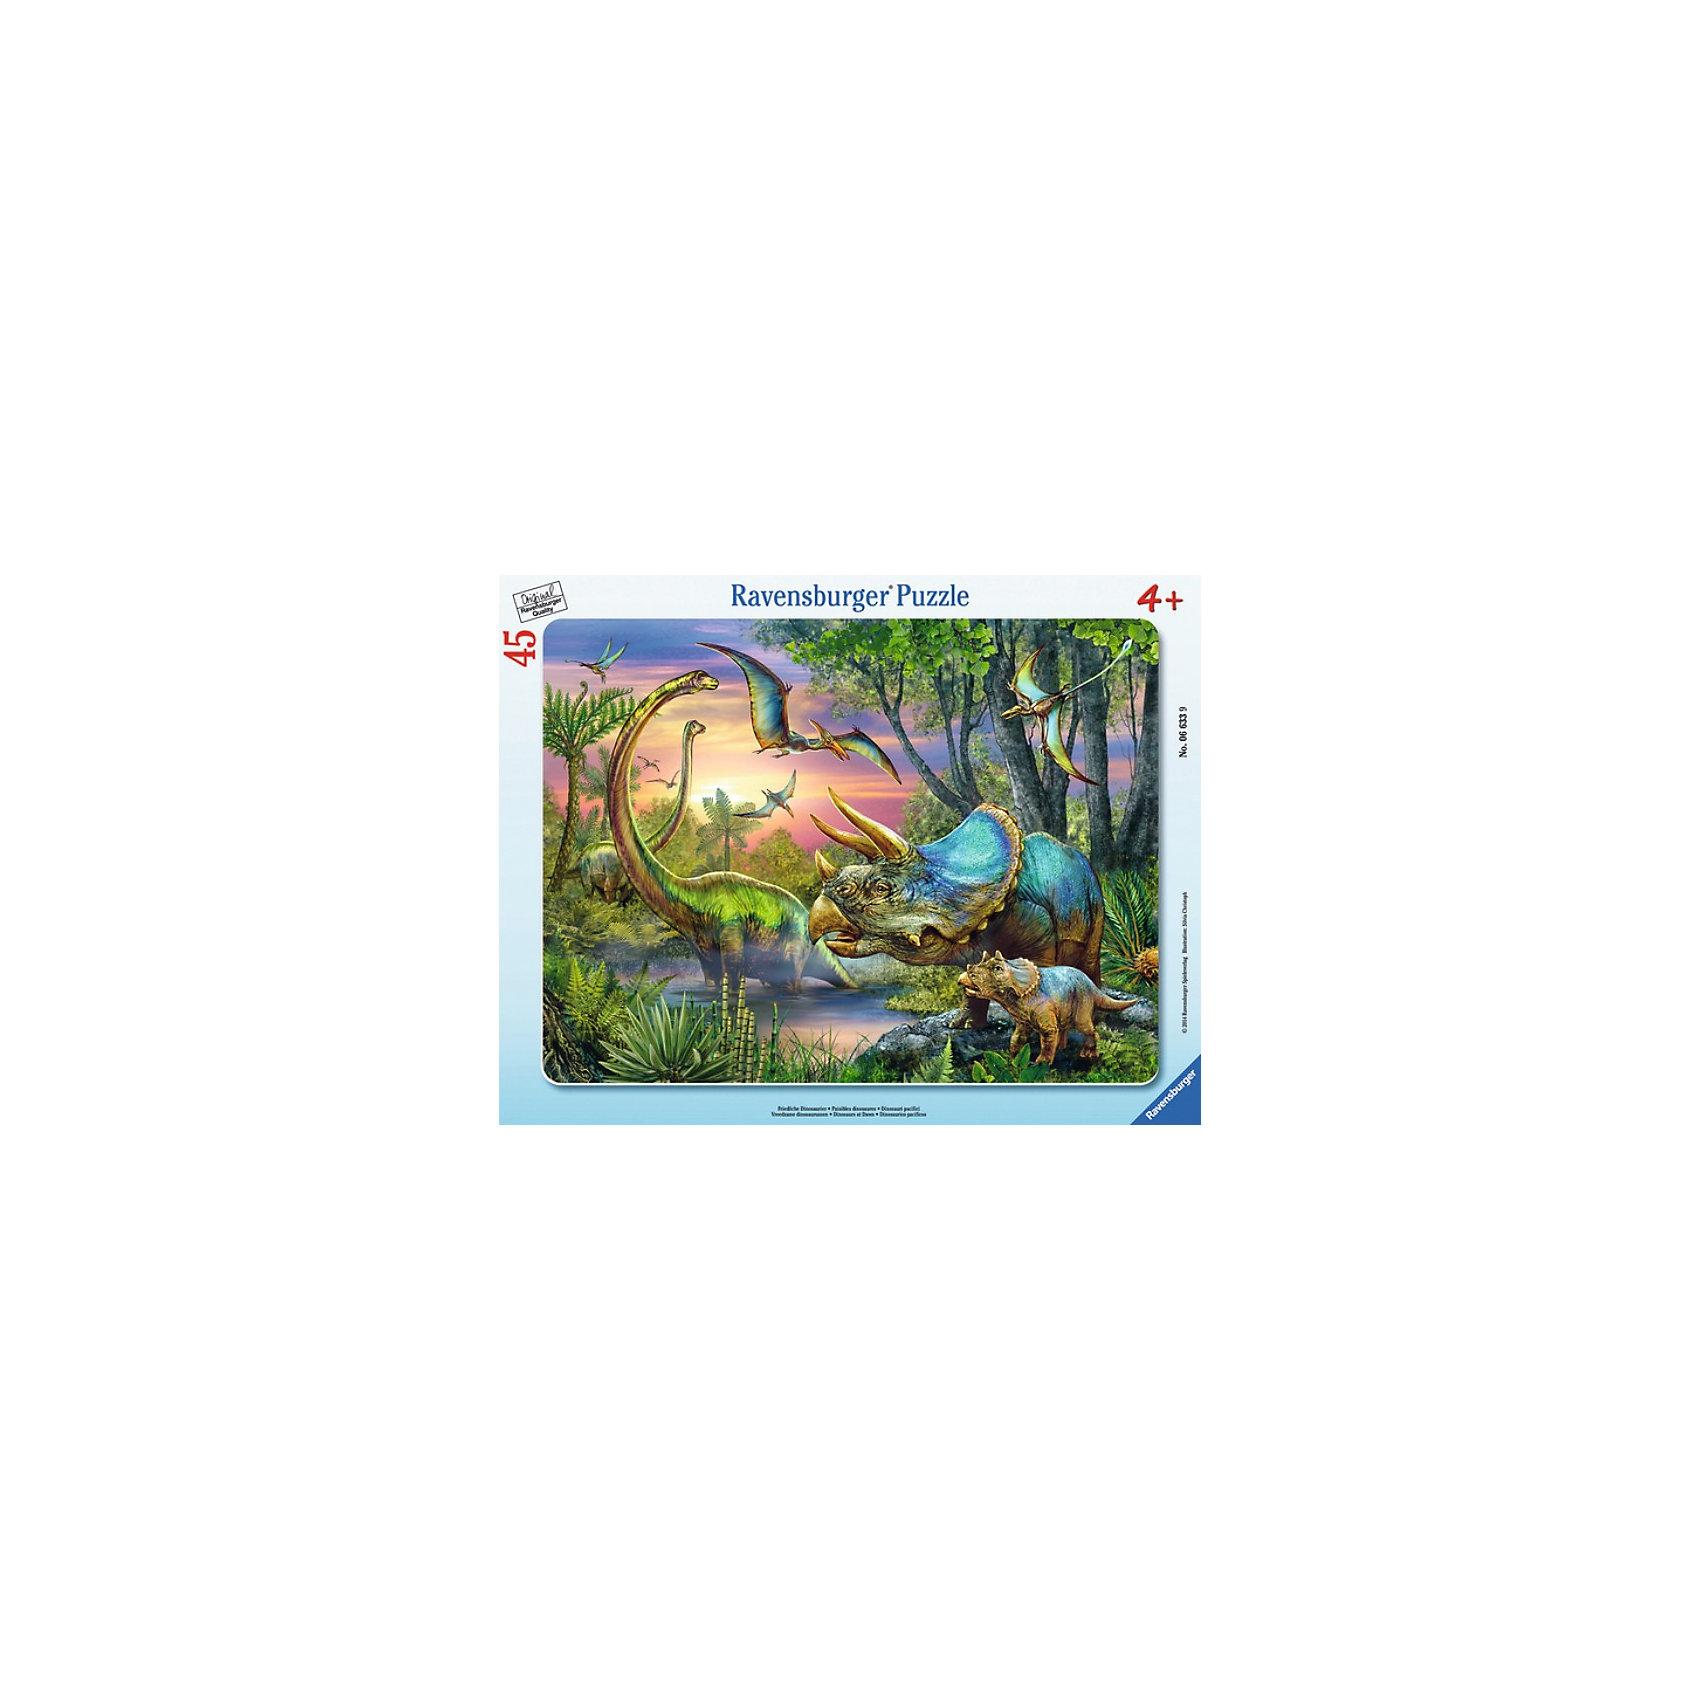 Пазл «Динозавры на рассвете», 45 деталей, RavensburgerПазл «Динозавры на рассвете», 45 деталей, Ravensburger (Равенсбургер) – это увлекательное и полезное времяпрепровождение для Вашего ребенка!<br>Пазл Динозавры на рассвете от немецкой фирмы Ravensburger (Равенсбургер) - это уникальный занимательный и развивающий пазл с красочным изображением различных динозавров. Собирая картинку, ребенок развивает логическое мышление, воображение, мелкую моторику и умение принимать самостоятельные решения. Пазлы Ravensburger неповторимы и уникальны тем, что для их изготовления используется картон наивысшего класса, благодаря которому сложенные головоломки не сгибаются, сам картон не отделяется от картинки, а сложенная картинка представляется абсолютно плоской и не деформируется даже спустя время. Прочные детали не ломаются. Каждая деталь имеет свою форму и подходит только на своё место. Матовая поверхность исключает неприятные отблески. Изготовлено из экологического сырья.<br><br>Дополнительная информация:<br><br>- Количество деталей: 45<br>- Размер картинки: 29 x 37 см.<br>- Материал: прочный картон<br>- Размер коробки: 38 x 5 х 30 см.<br><br>Пазл «Динозавры на рассвете», 45 деталей, Ravensburger (Равенсбургер) можно купить в нашем интернет-магазине.<br><br>Ширина мм: 377<br>Глубина мм: 294<br>Высота мм: 10<br>Вес г: 309<br>Возраст от месяцев: 48<br>Возраст до месяцев: 72<br>Пол: Мужской<br>Возраст: Детский<br>Количество деталей: 45<br>SKU: 3412896